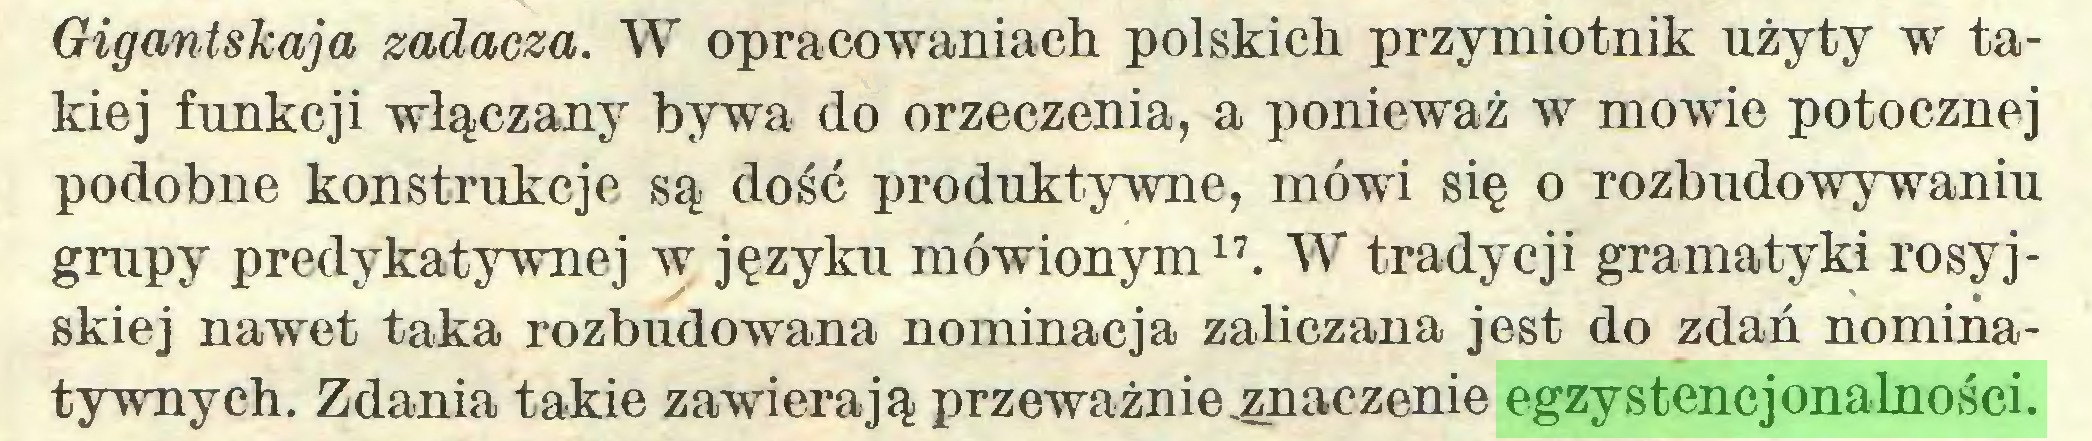 (...) Gigantskaja zadaeza. W opracowaniach polskich przymiotnik użyty w takiej funkcji włączany bywa do orzeczenia, a ponieważ w mowie potocznej podobne konstrukcje są dość produktywne, mówi się o rozbudowywaniu grupy predykatywnej w języku mówionym17. W tradycji gramatyki rosyjskiej nawet taka rozbudowana nominacja zaliczana jest do zdań nominatywnych. Zdania takie zawierają przeważnie znaczenie egzystencjonalności...